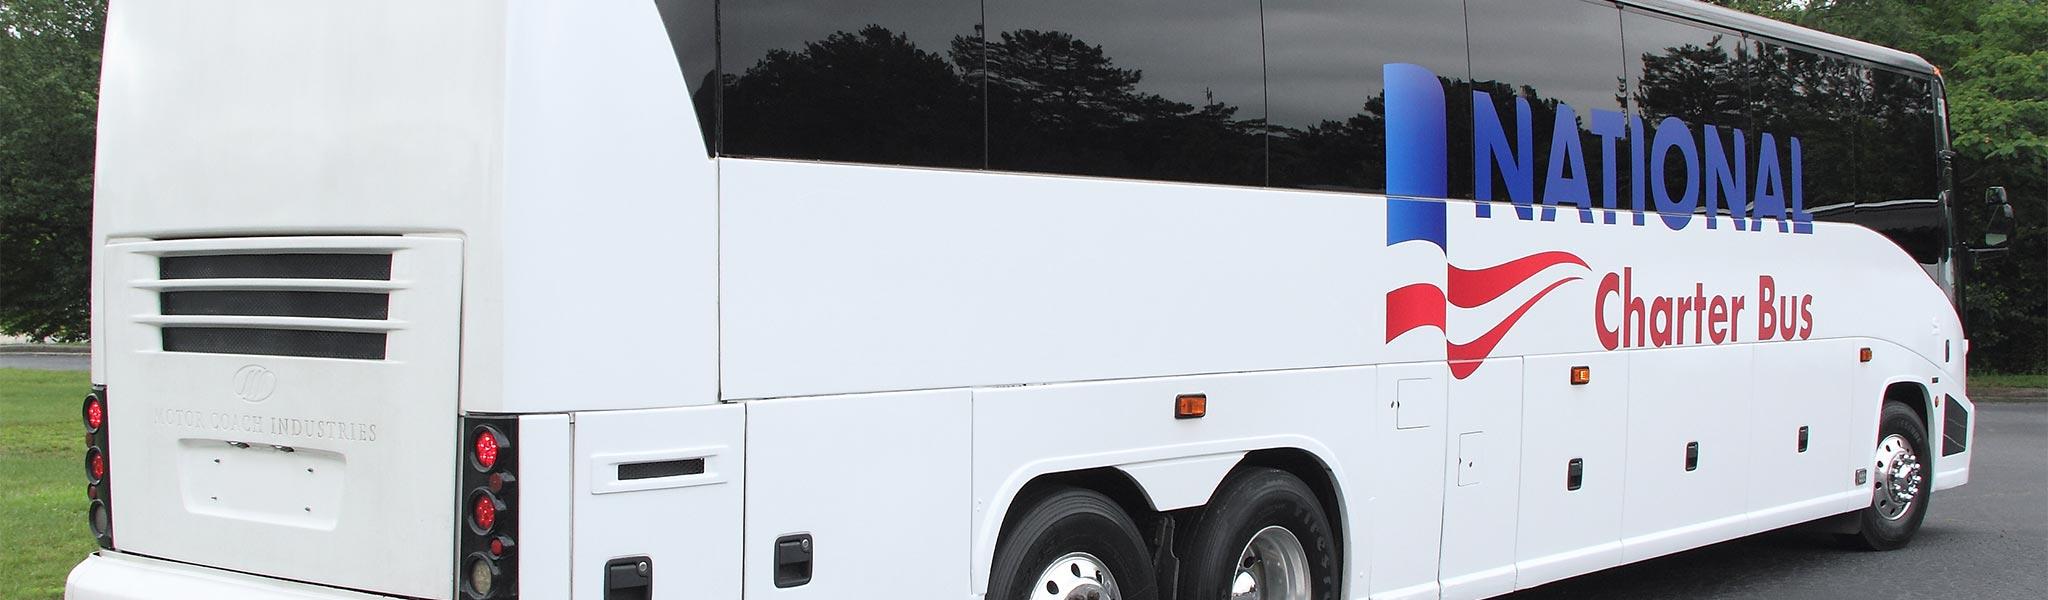 Northeast bus rentals